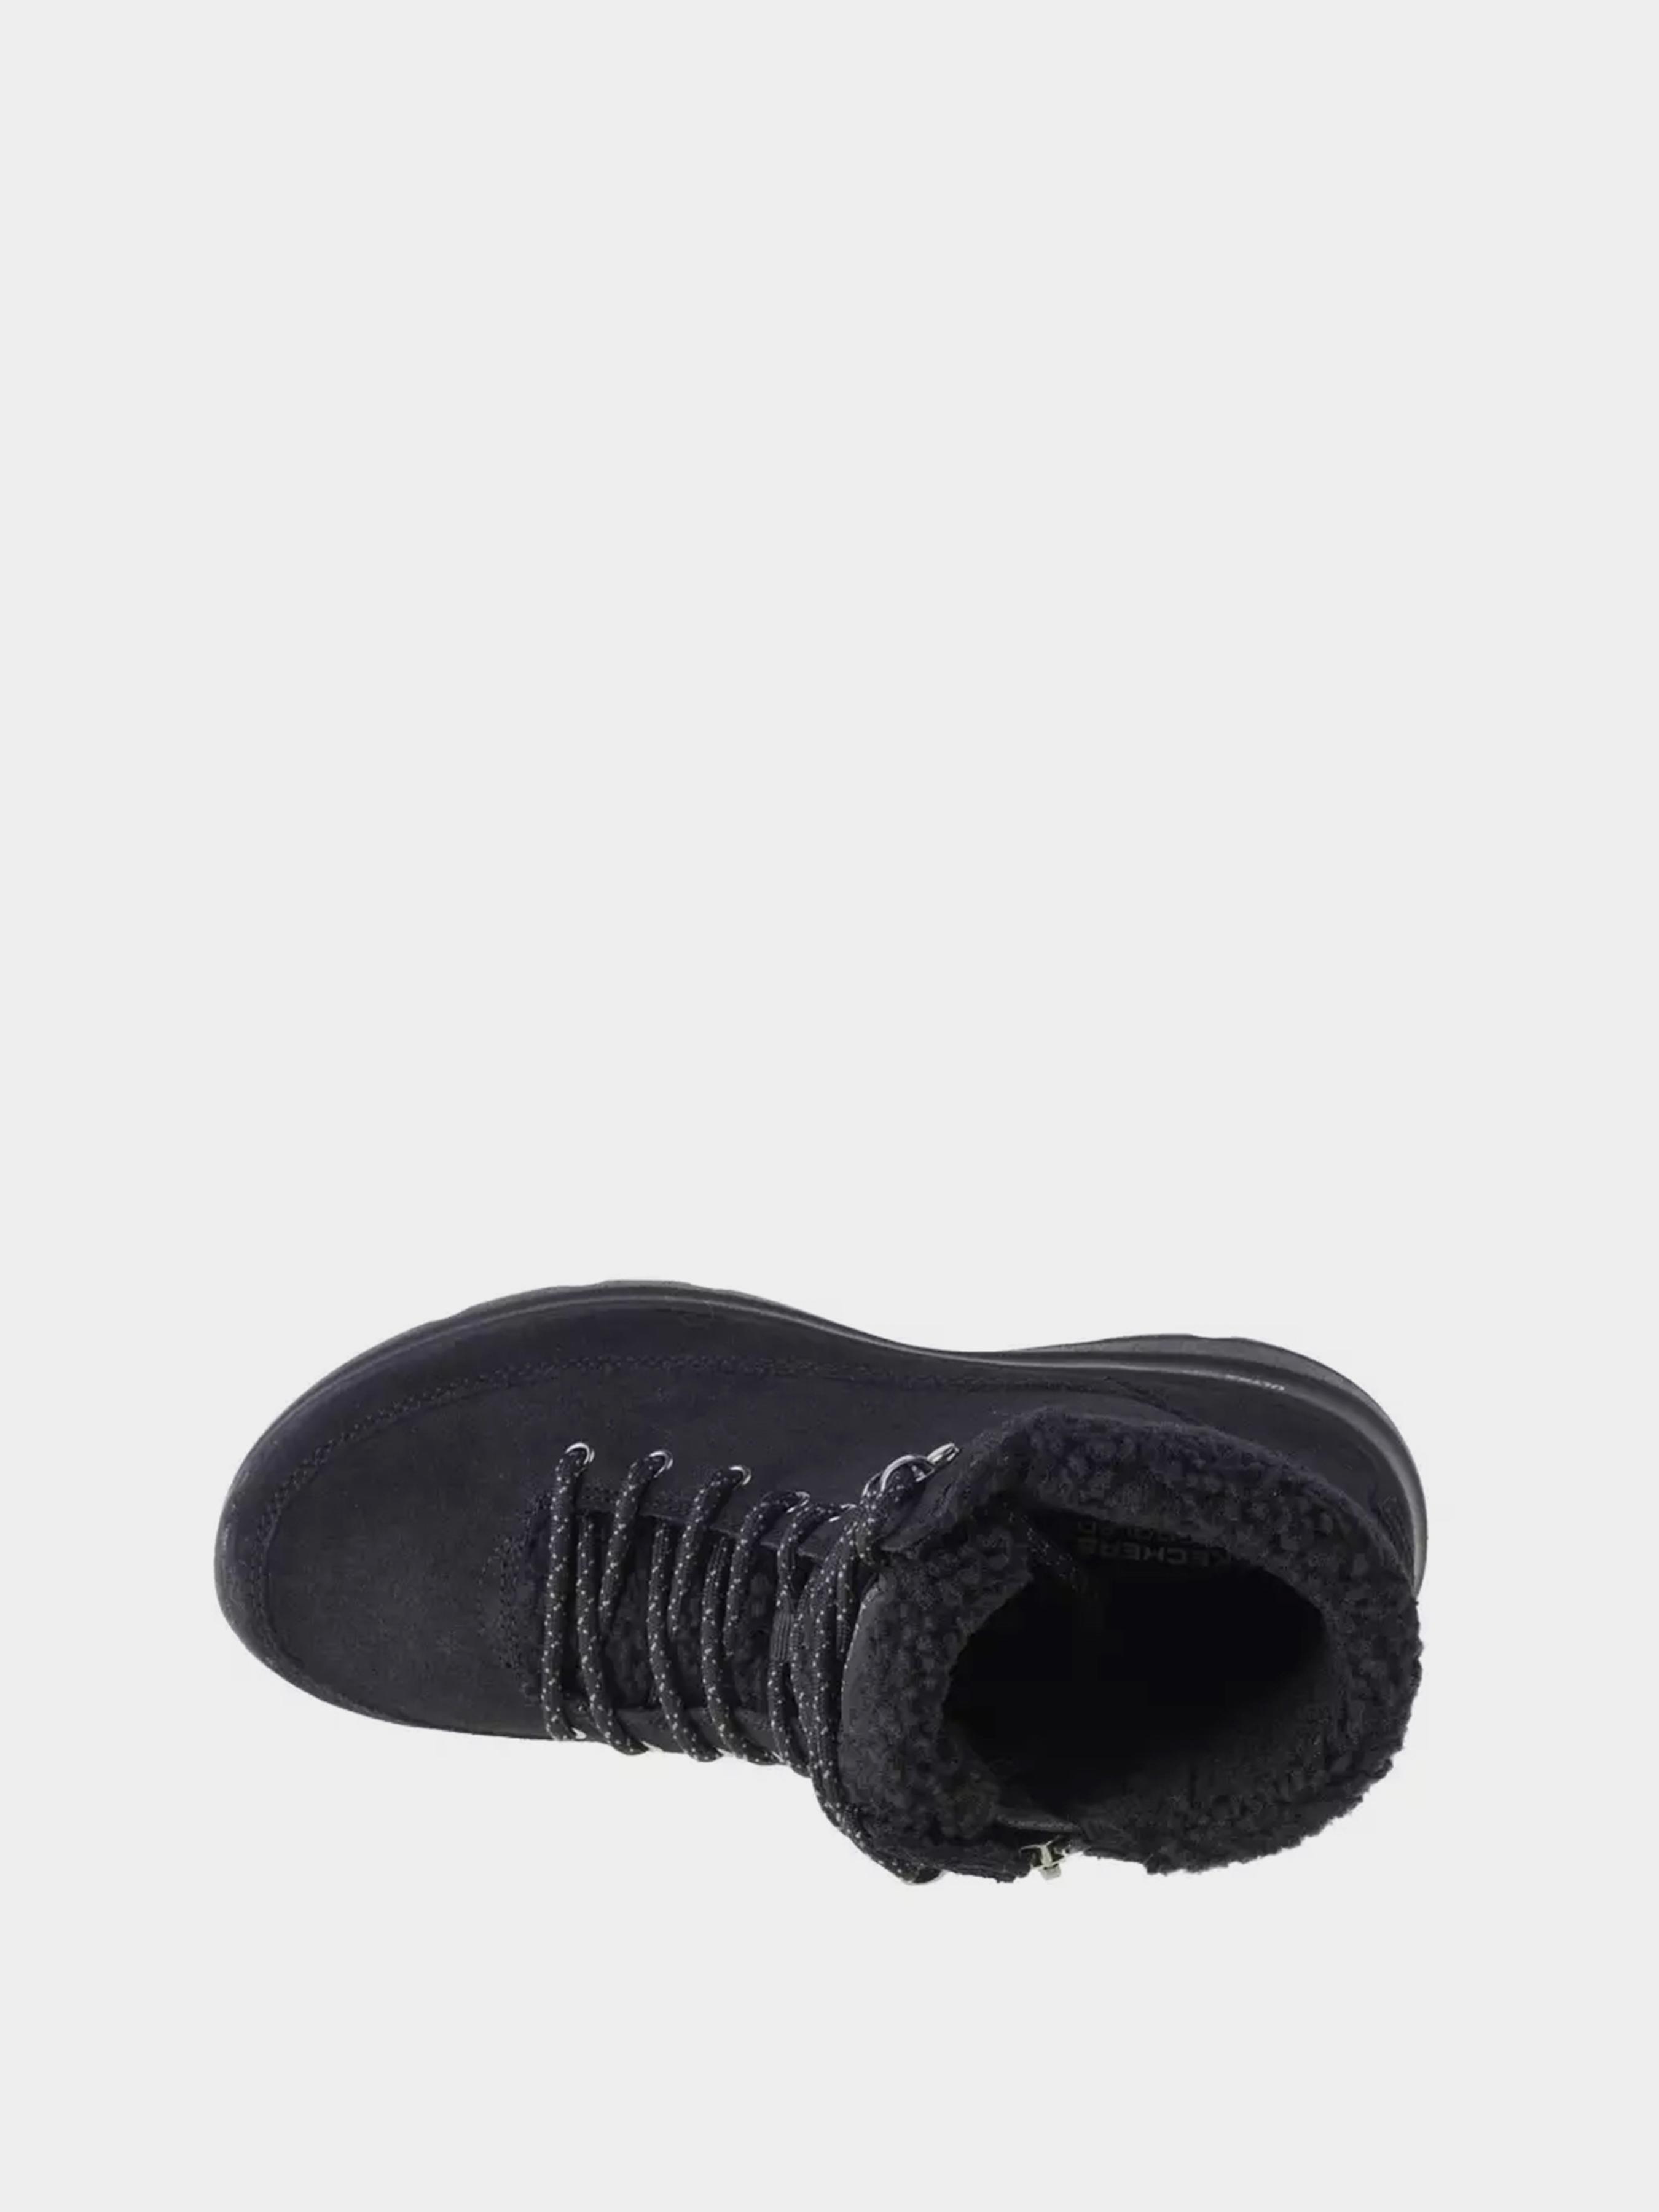 Ботинки для женщин Skechers KW5299 стоимость, 2017